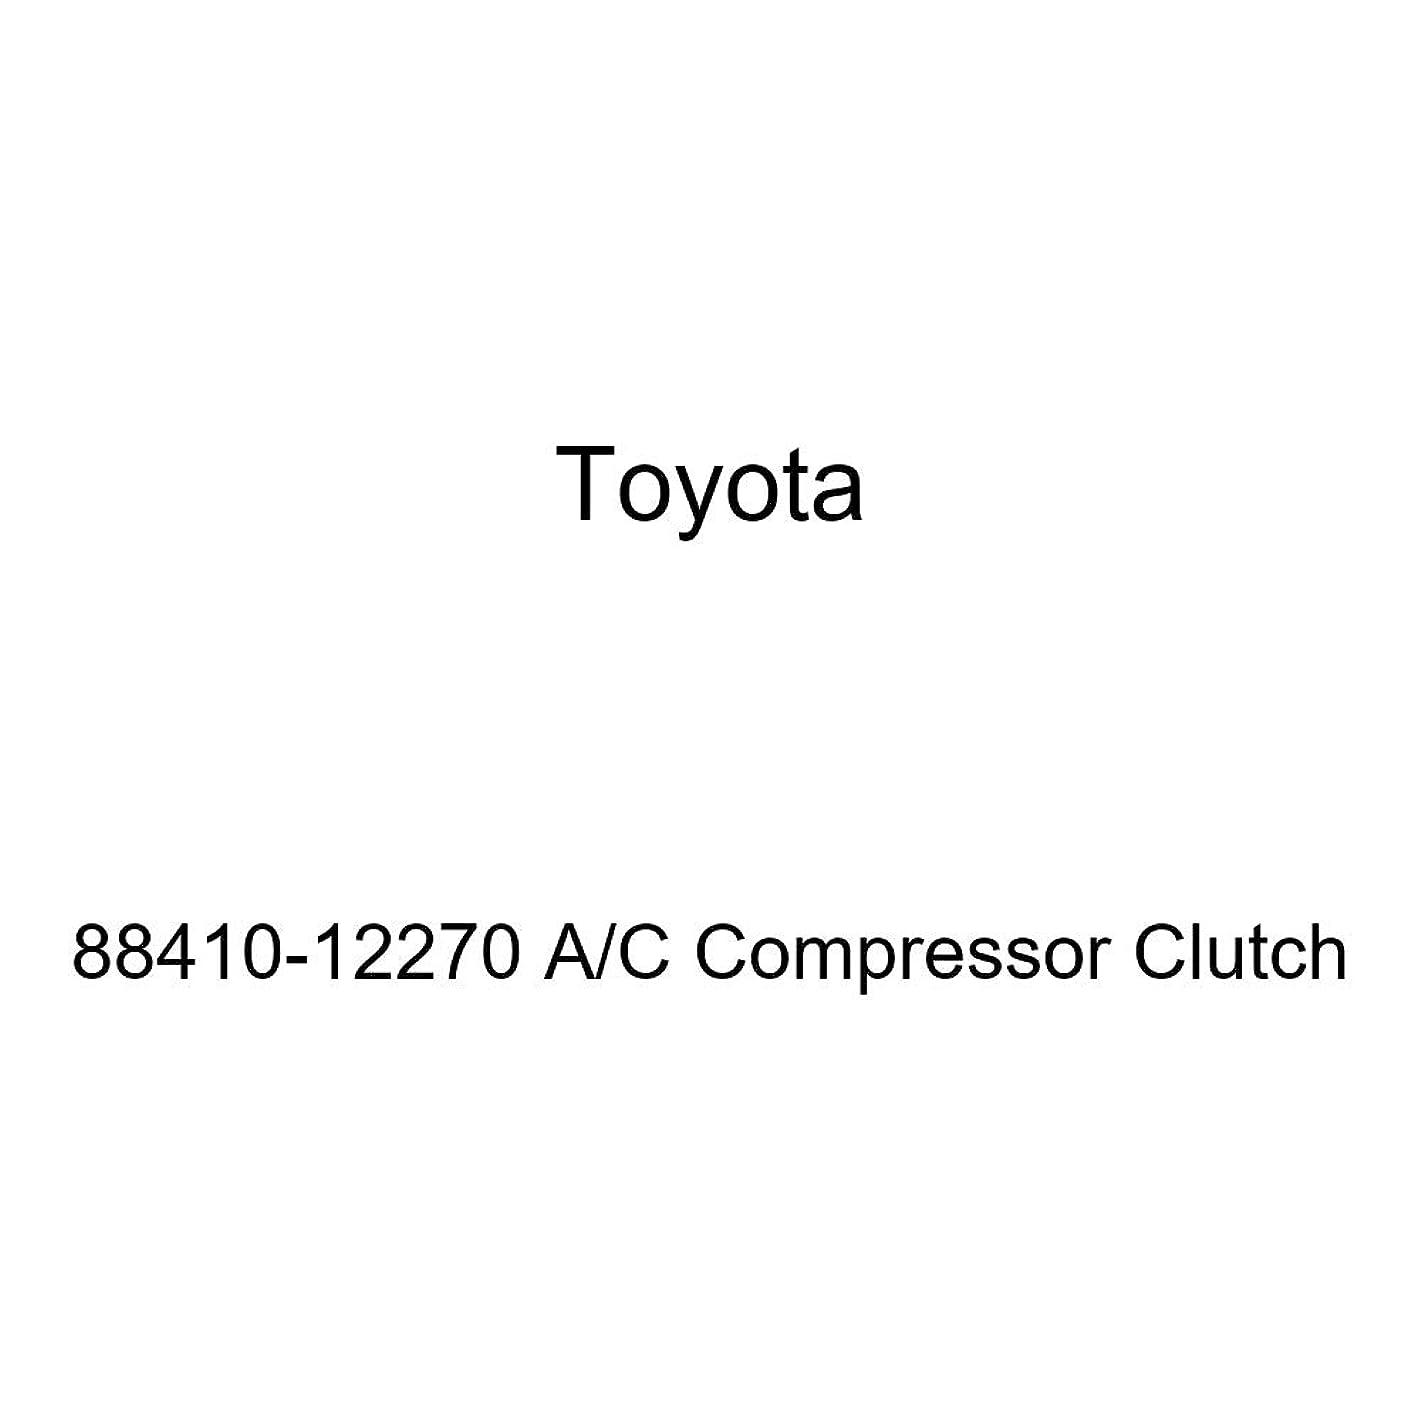 Toyota 88410-12270 A/C Compressor Clutch